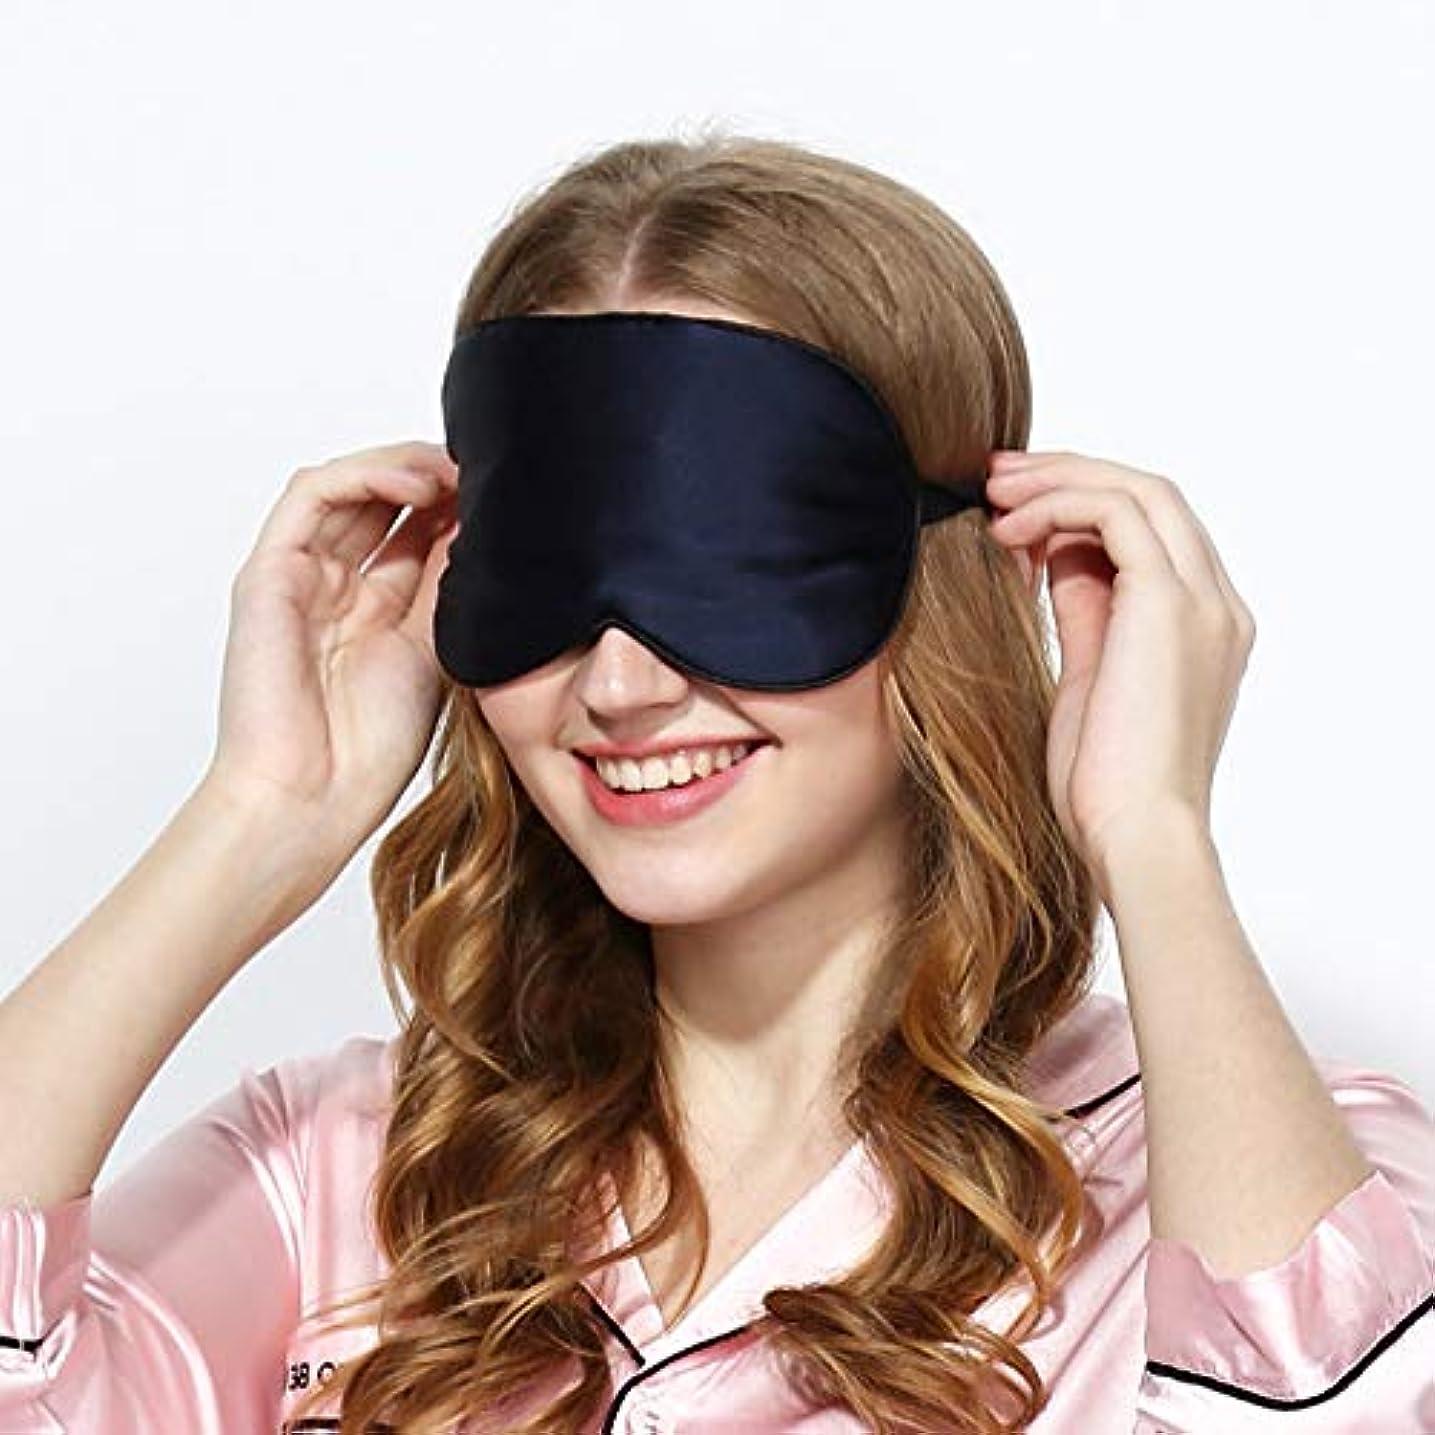 交響曲喪二年生3 Dソフト通気性ファブリックアイシェード睡眠アイマスクポータブル旅行睡眠休息補助アイマスクカバーアイパッチ睡眠マスク